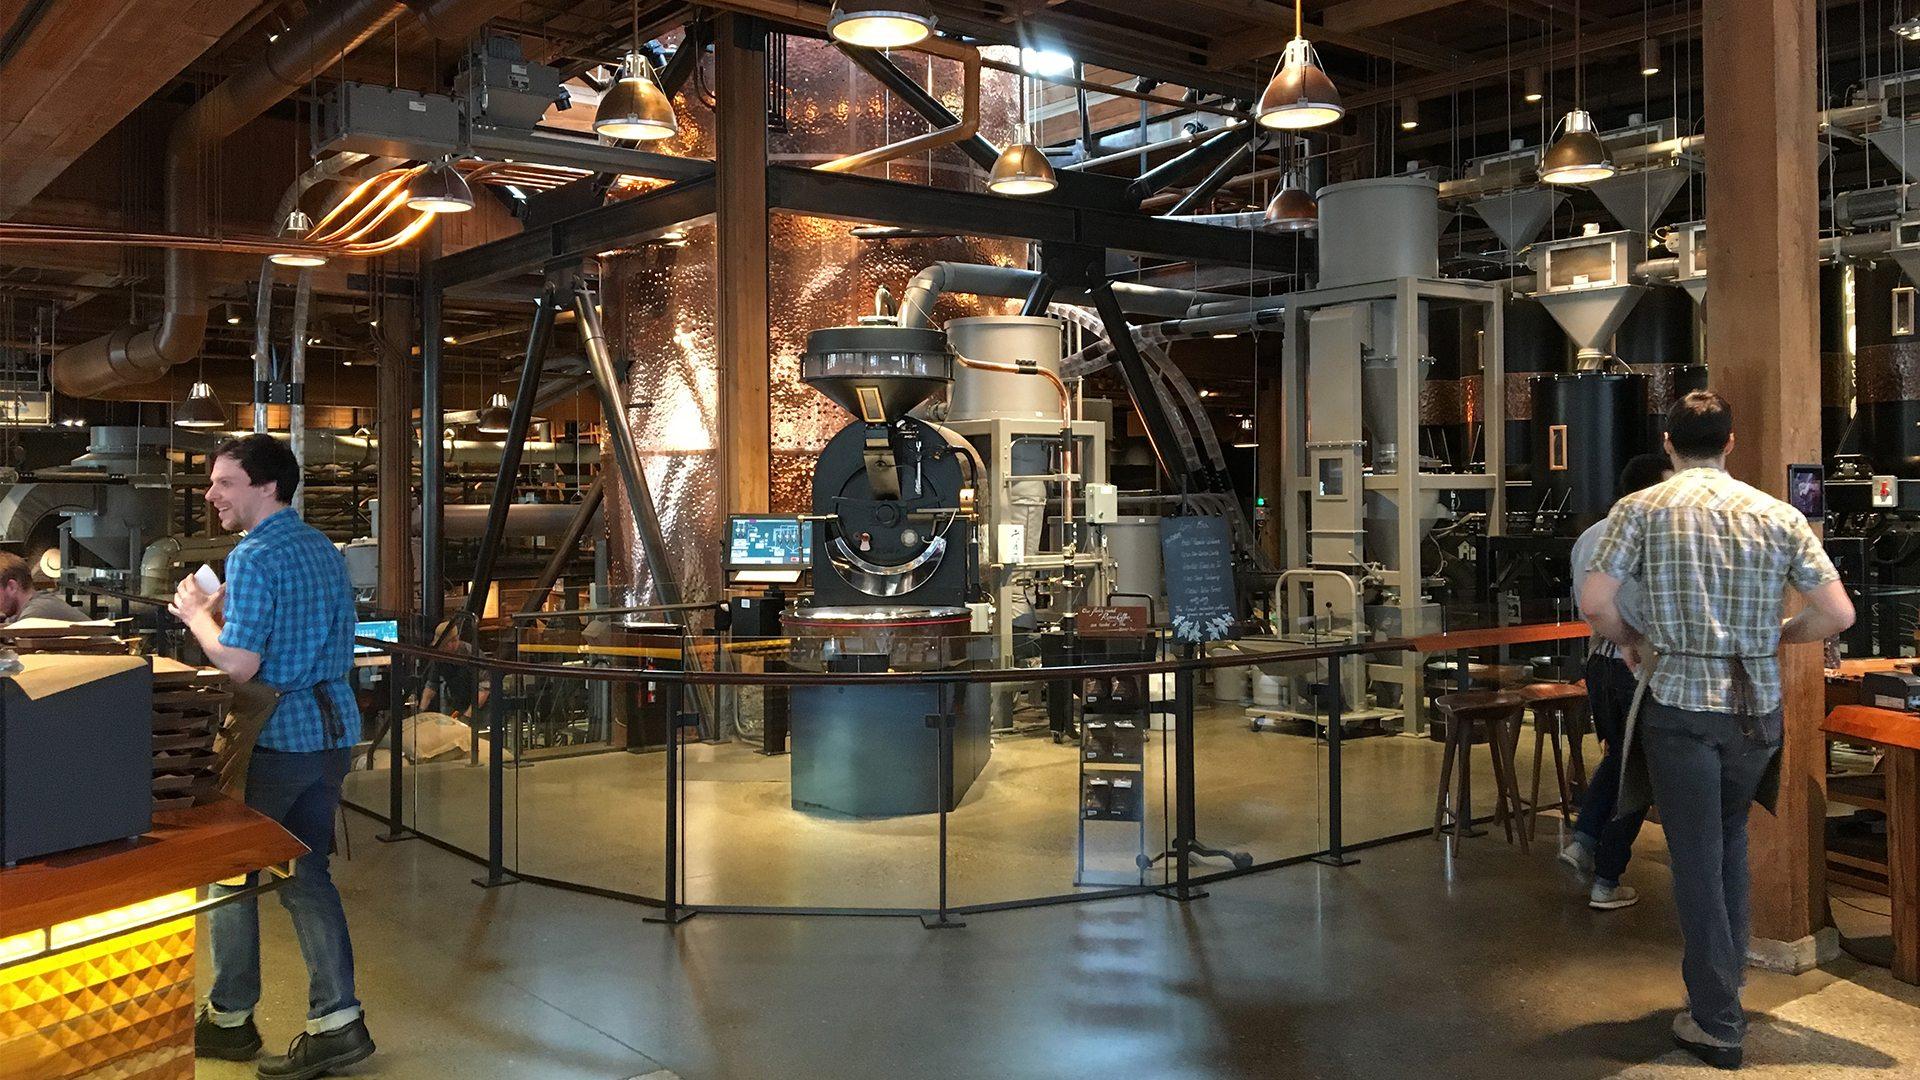 Una visita a la cafetería más exclusiva de Starbucks